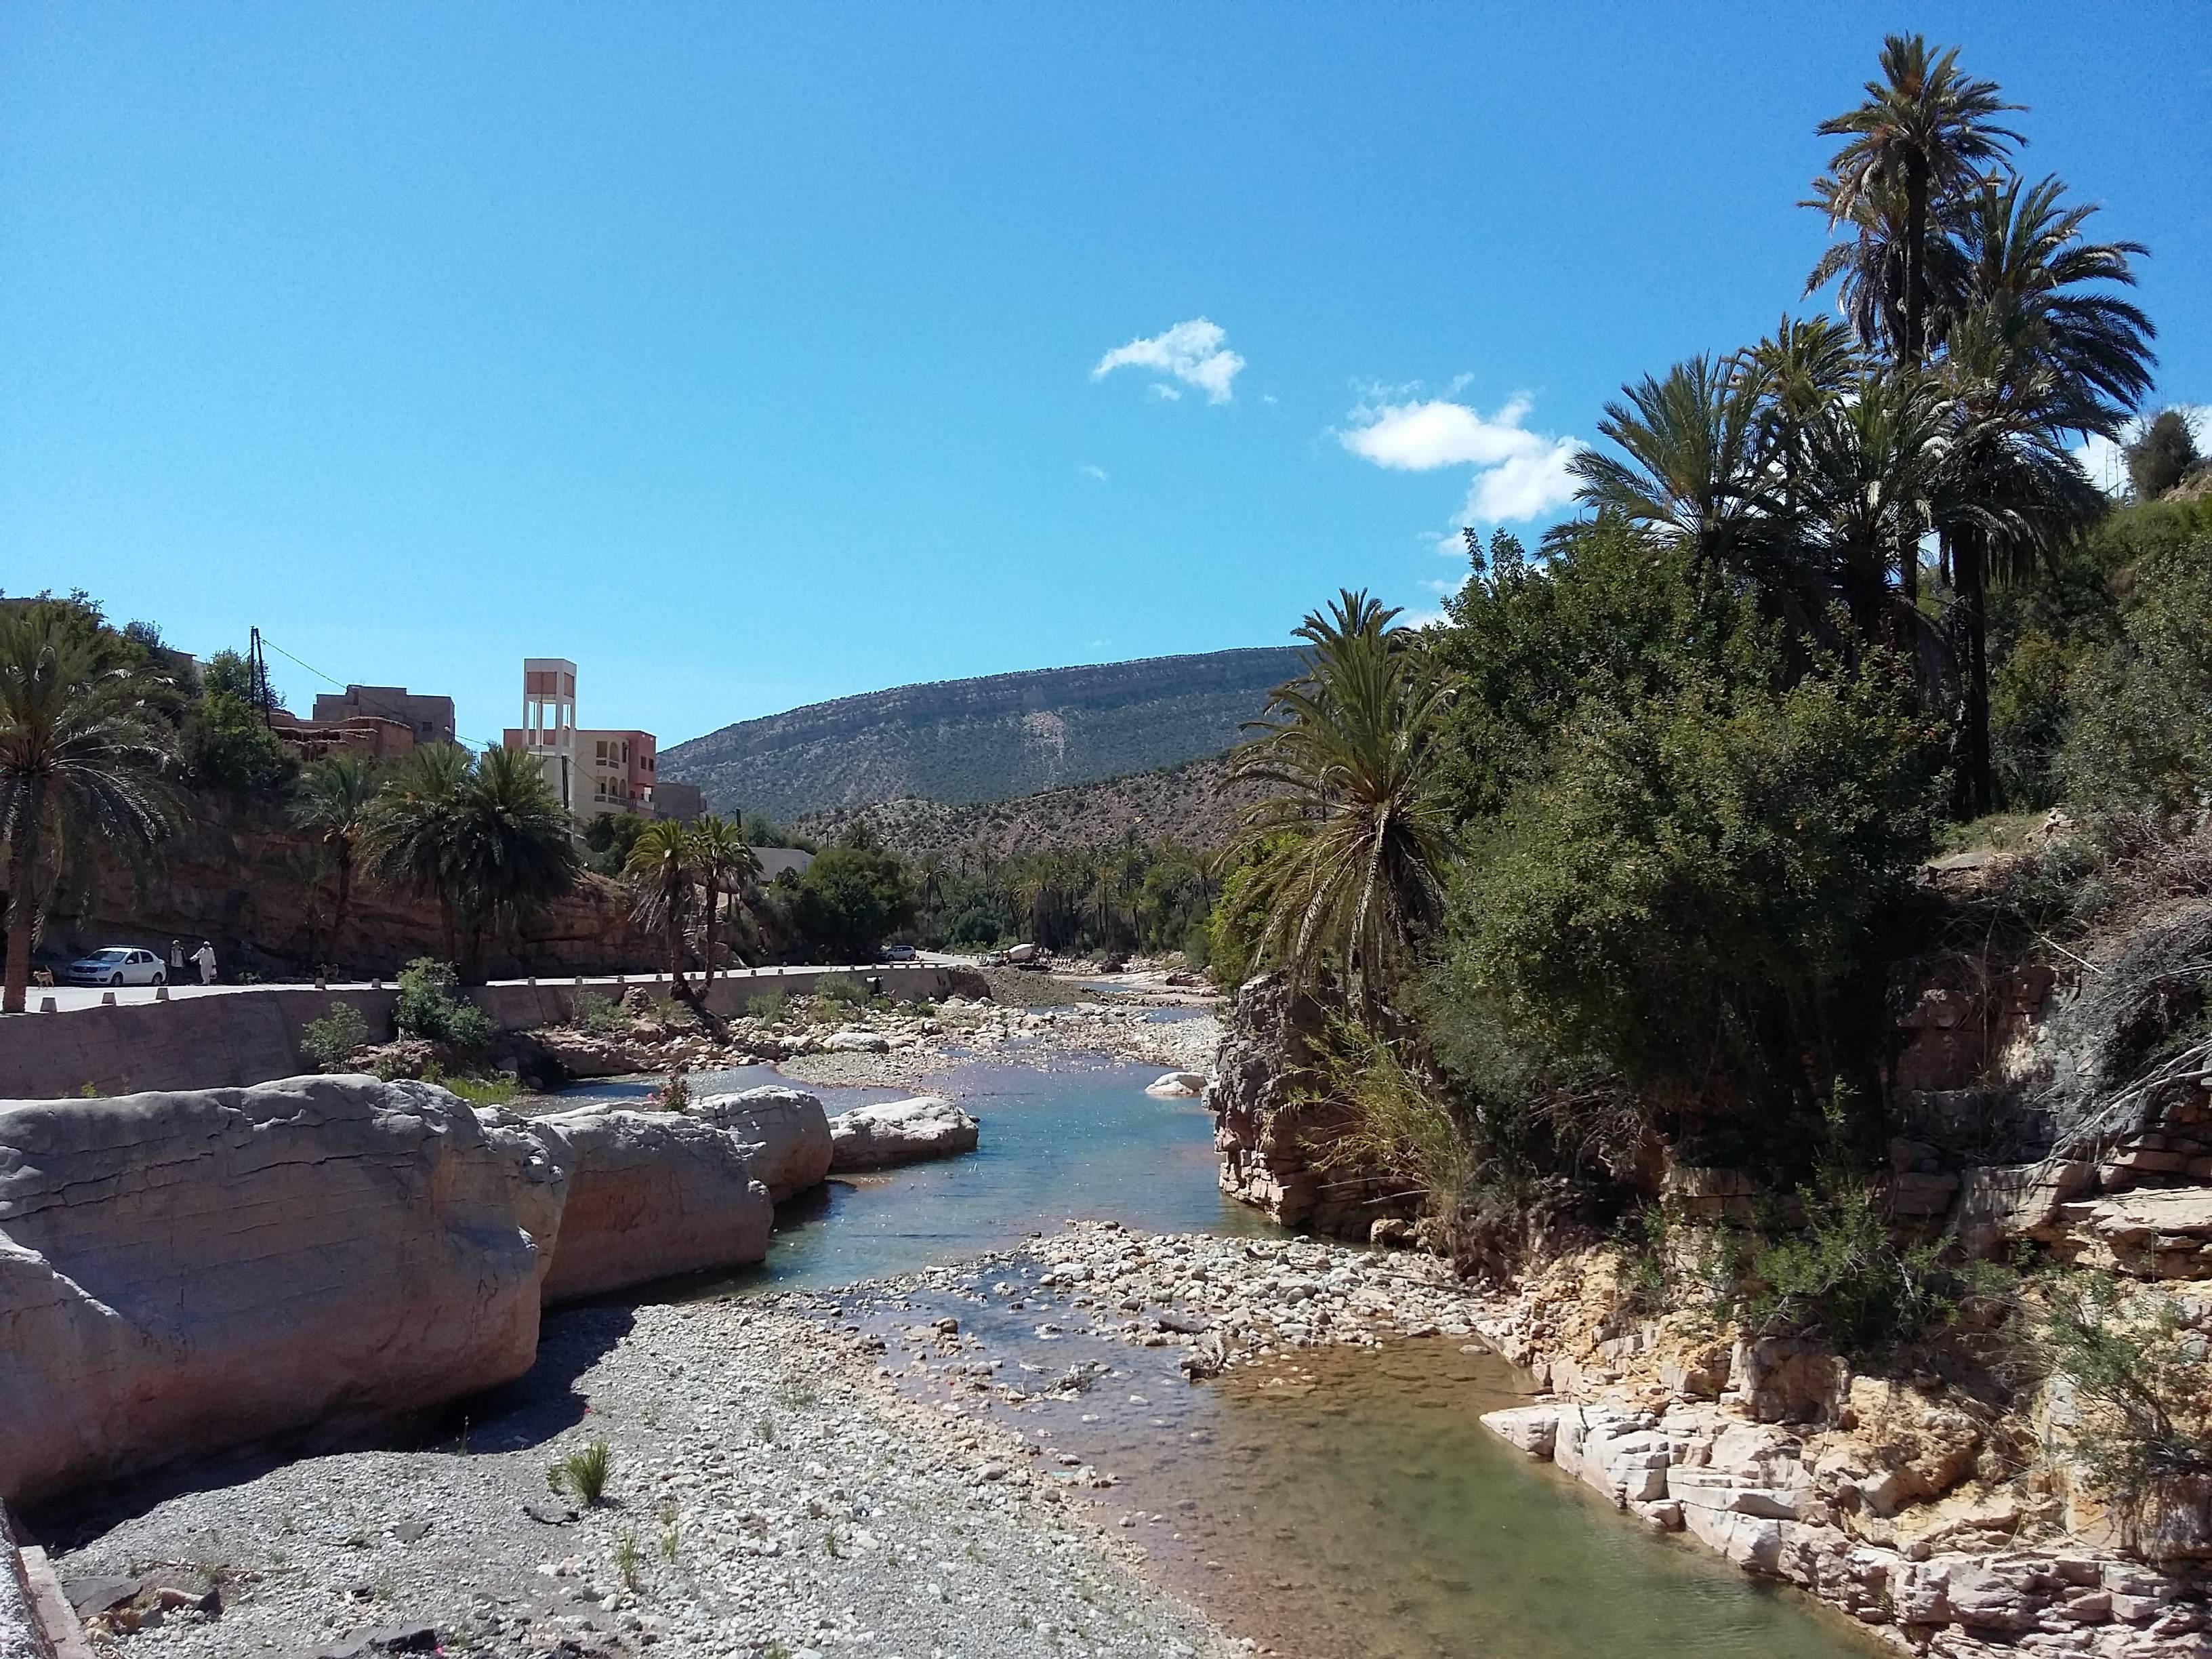 Photo 1: Paradise valley, une promenade dans le lit de la rivière